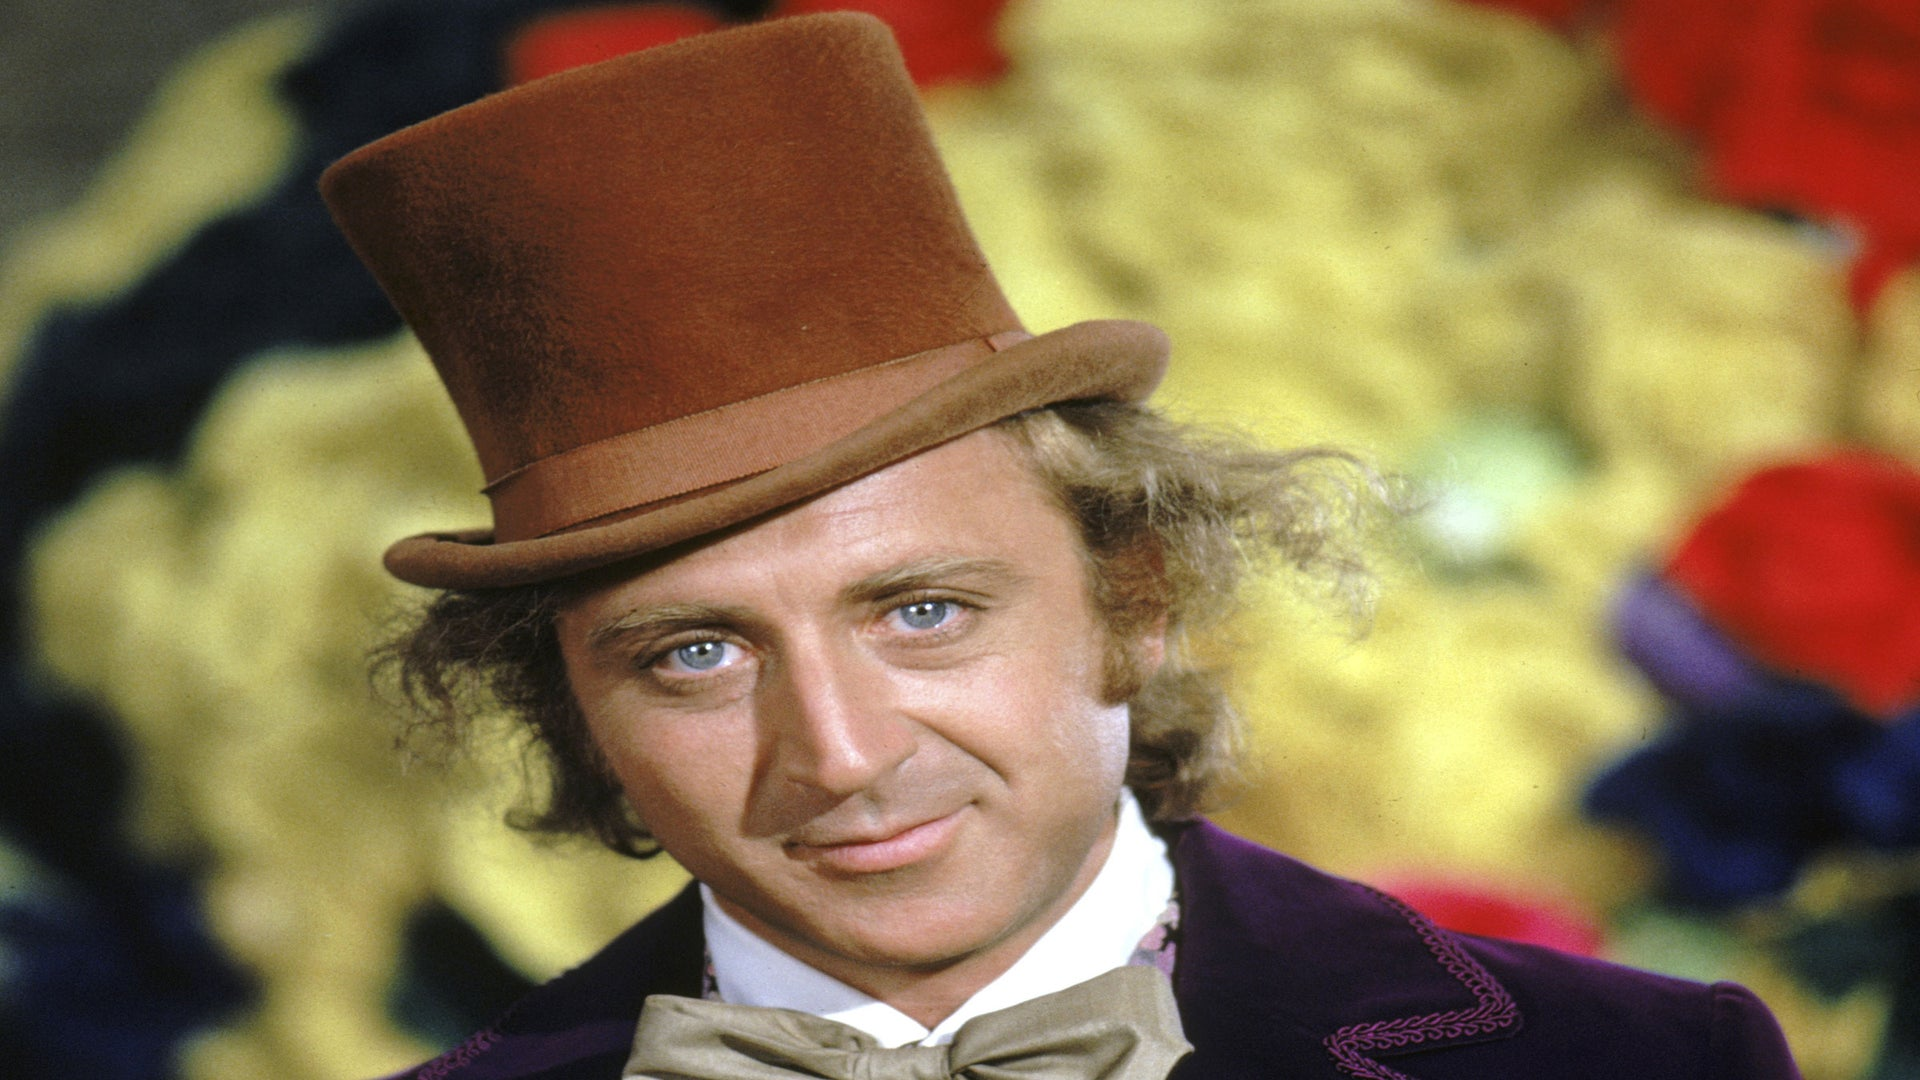 Actor Gene Wilder, Star Of Willy Wonka, Dead At 83